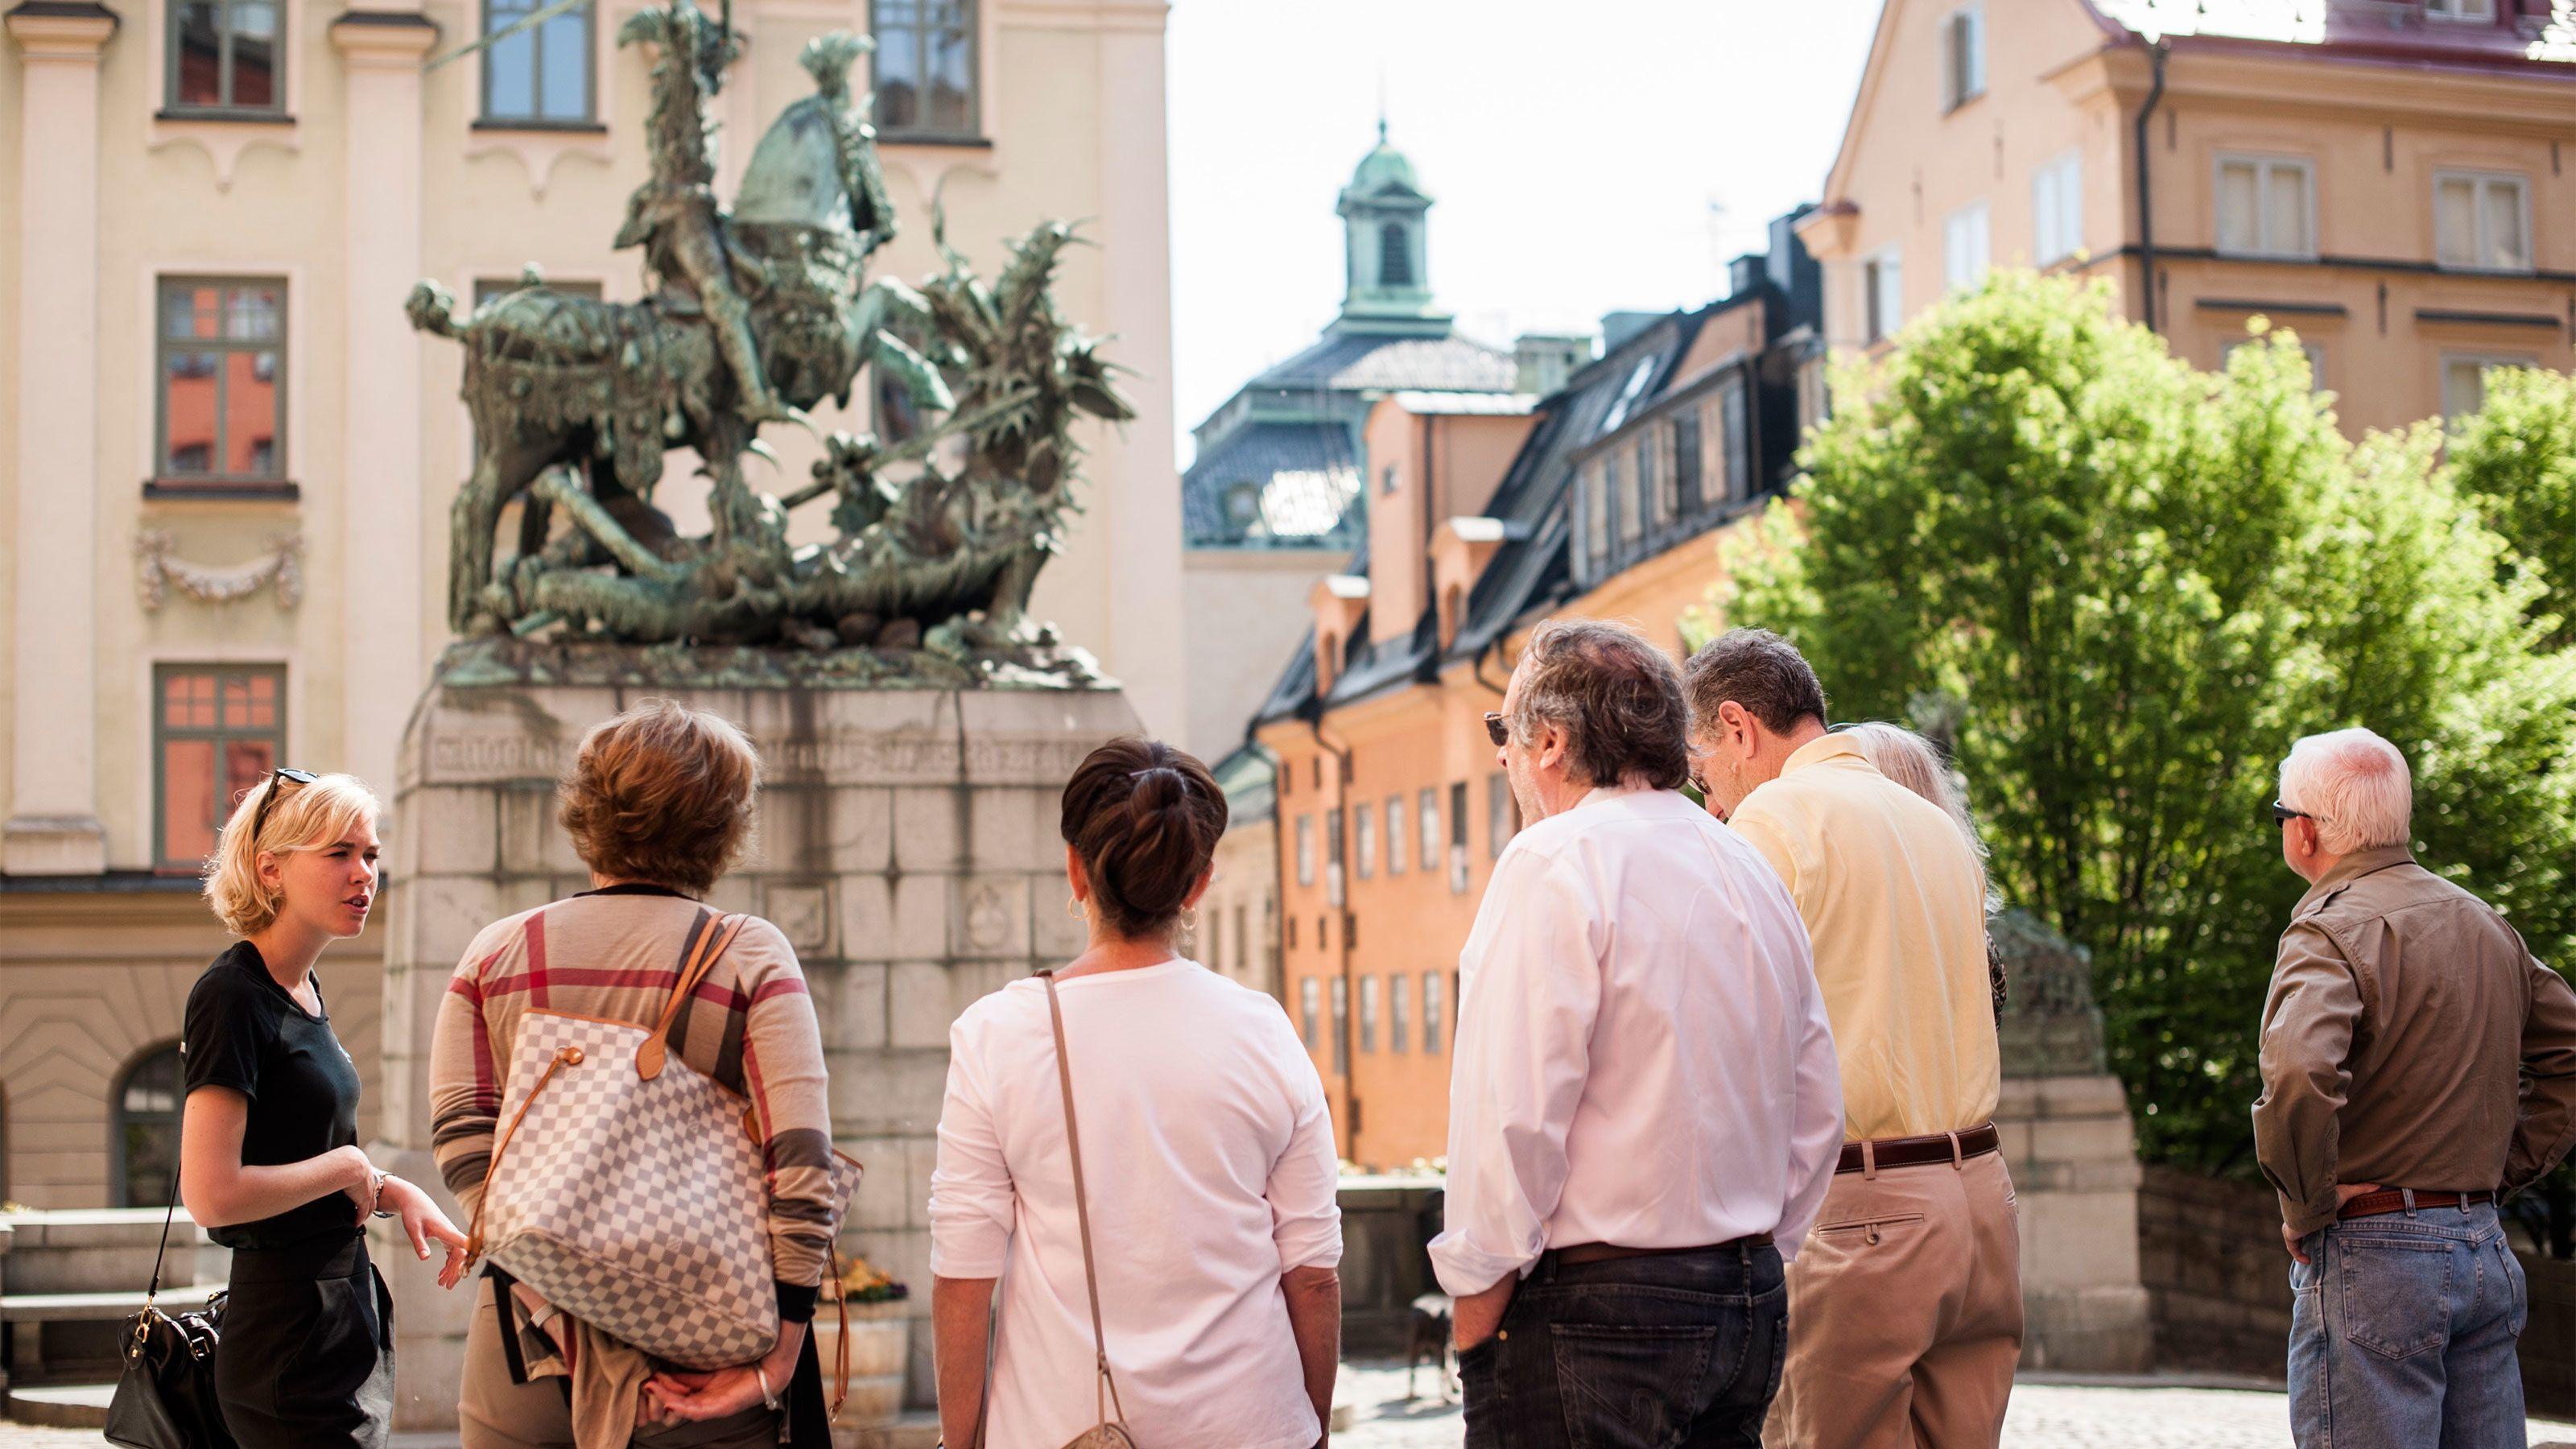 Visita a pie por el casco antiguo de Estocolmo